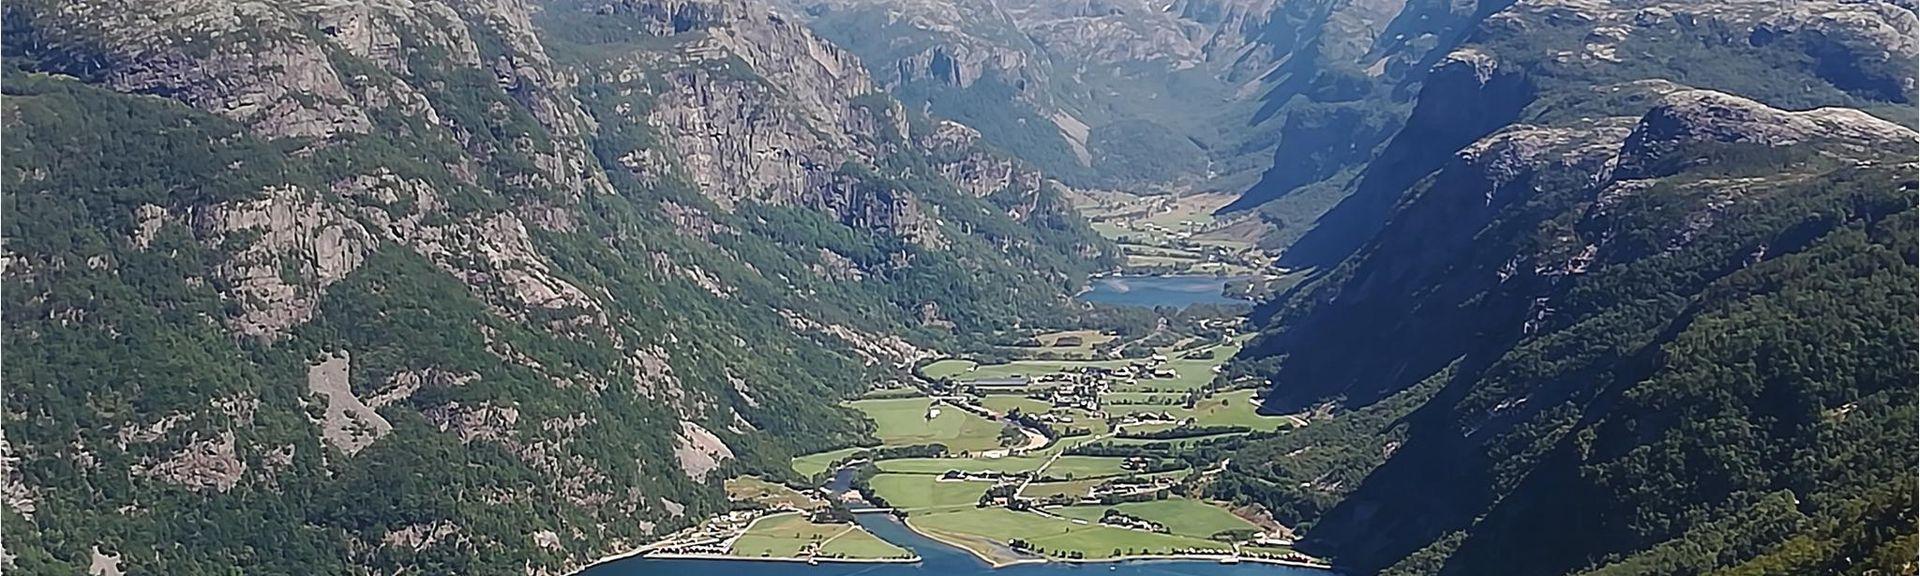 Kjeragbolten, Forsand, Rogaland (comté), Norvège